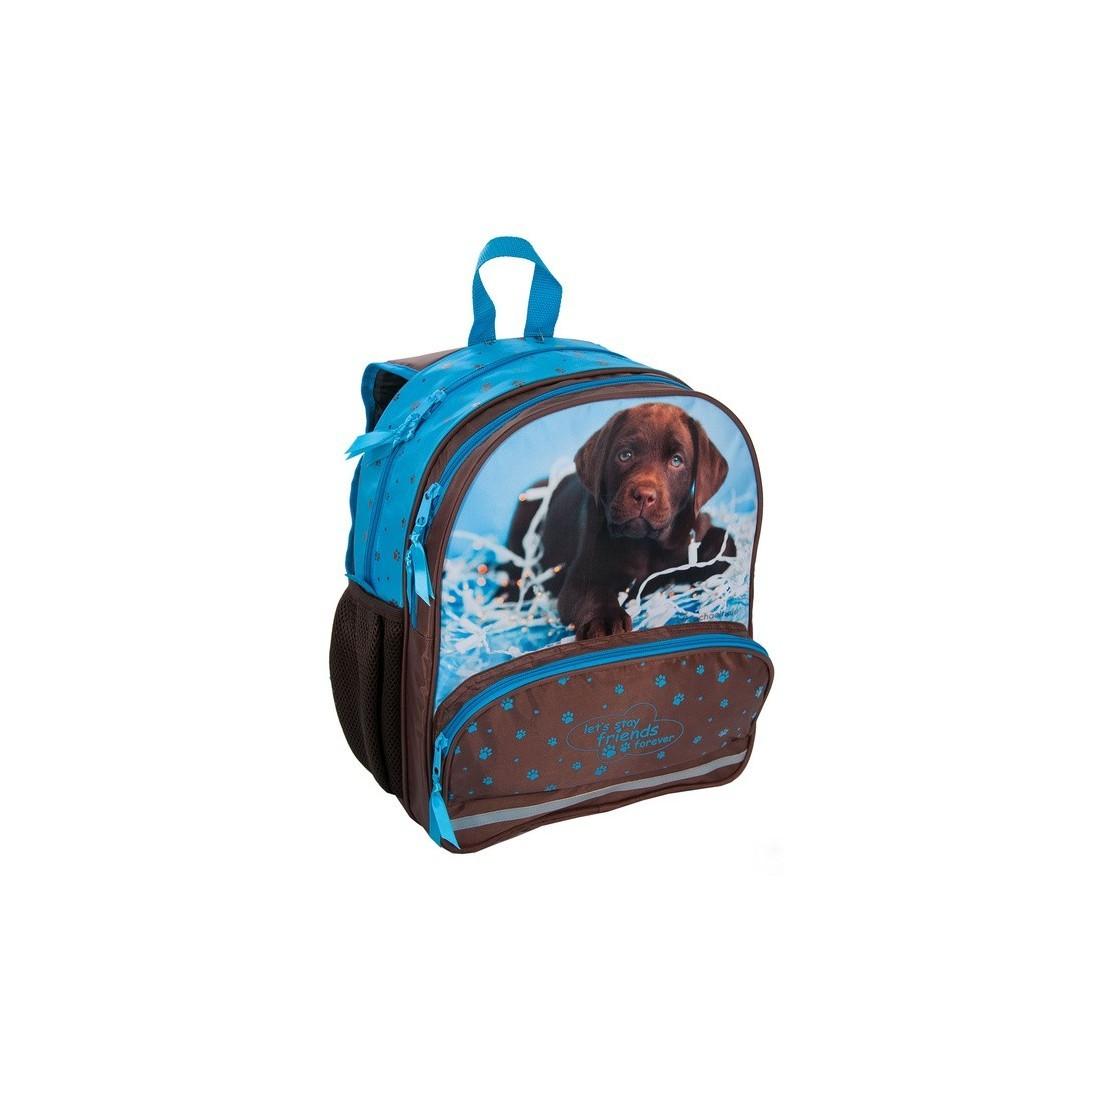 Plecak Szkolny Rachael Hale z brązowym labradorem